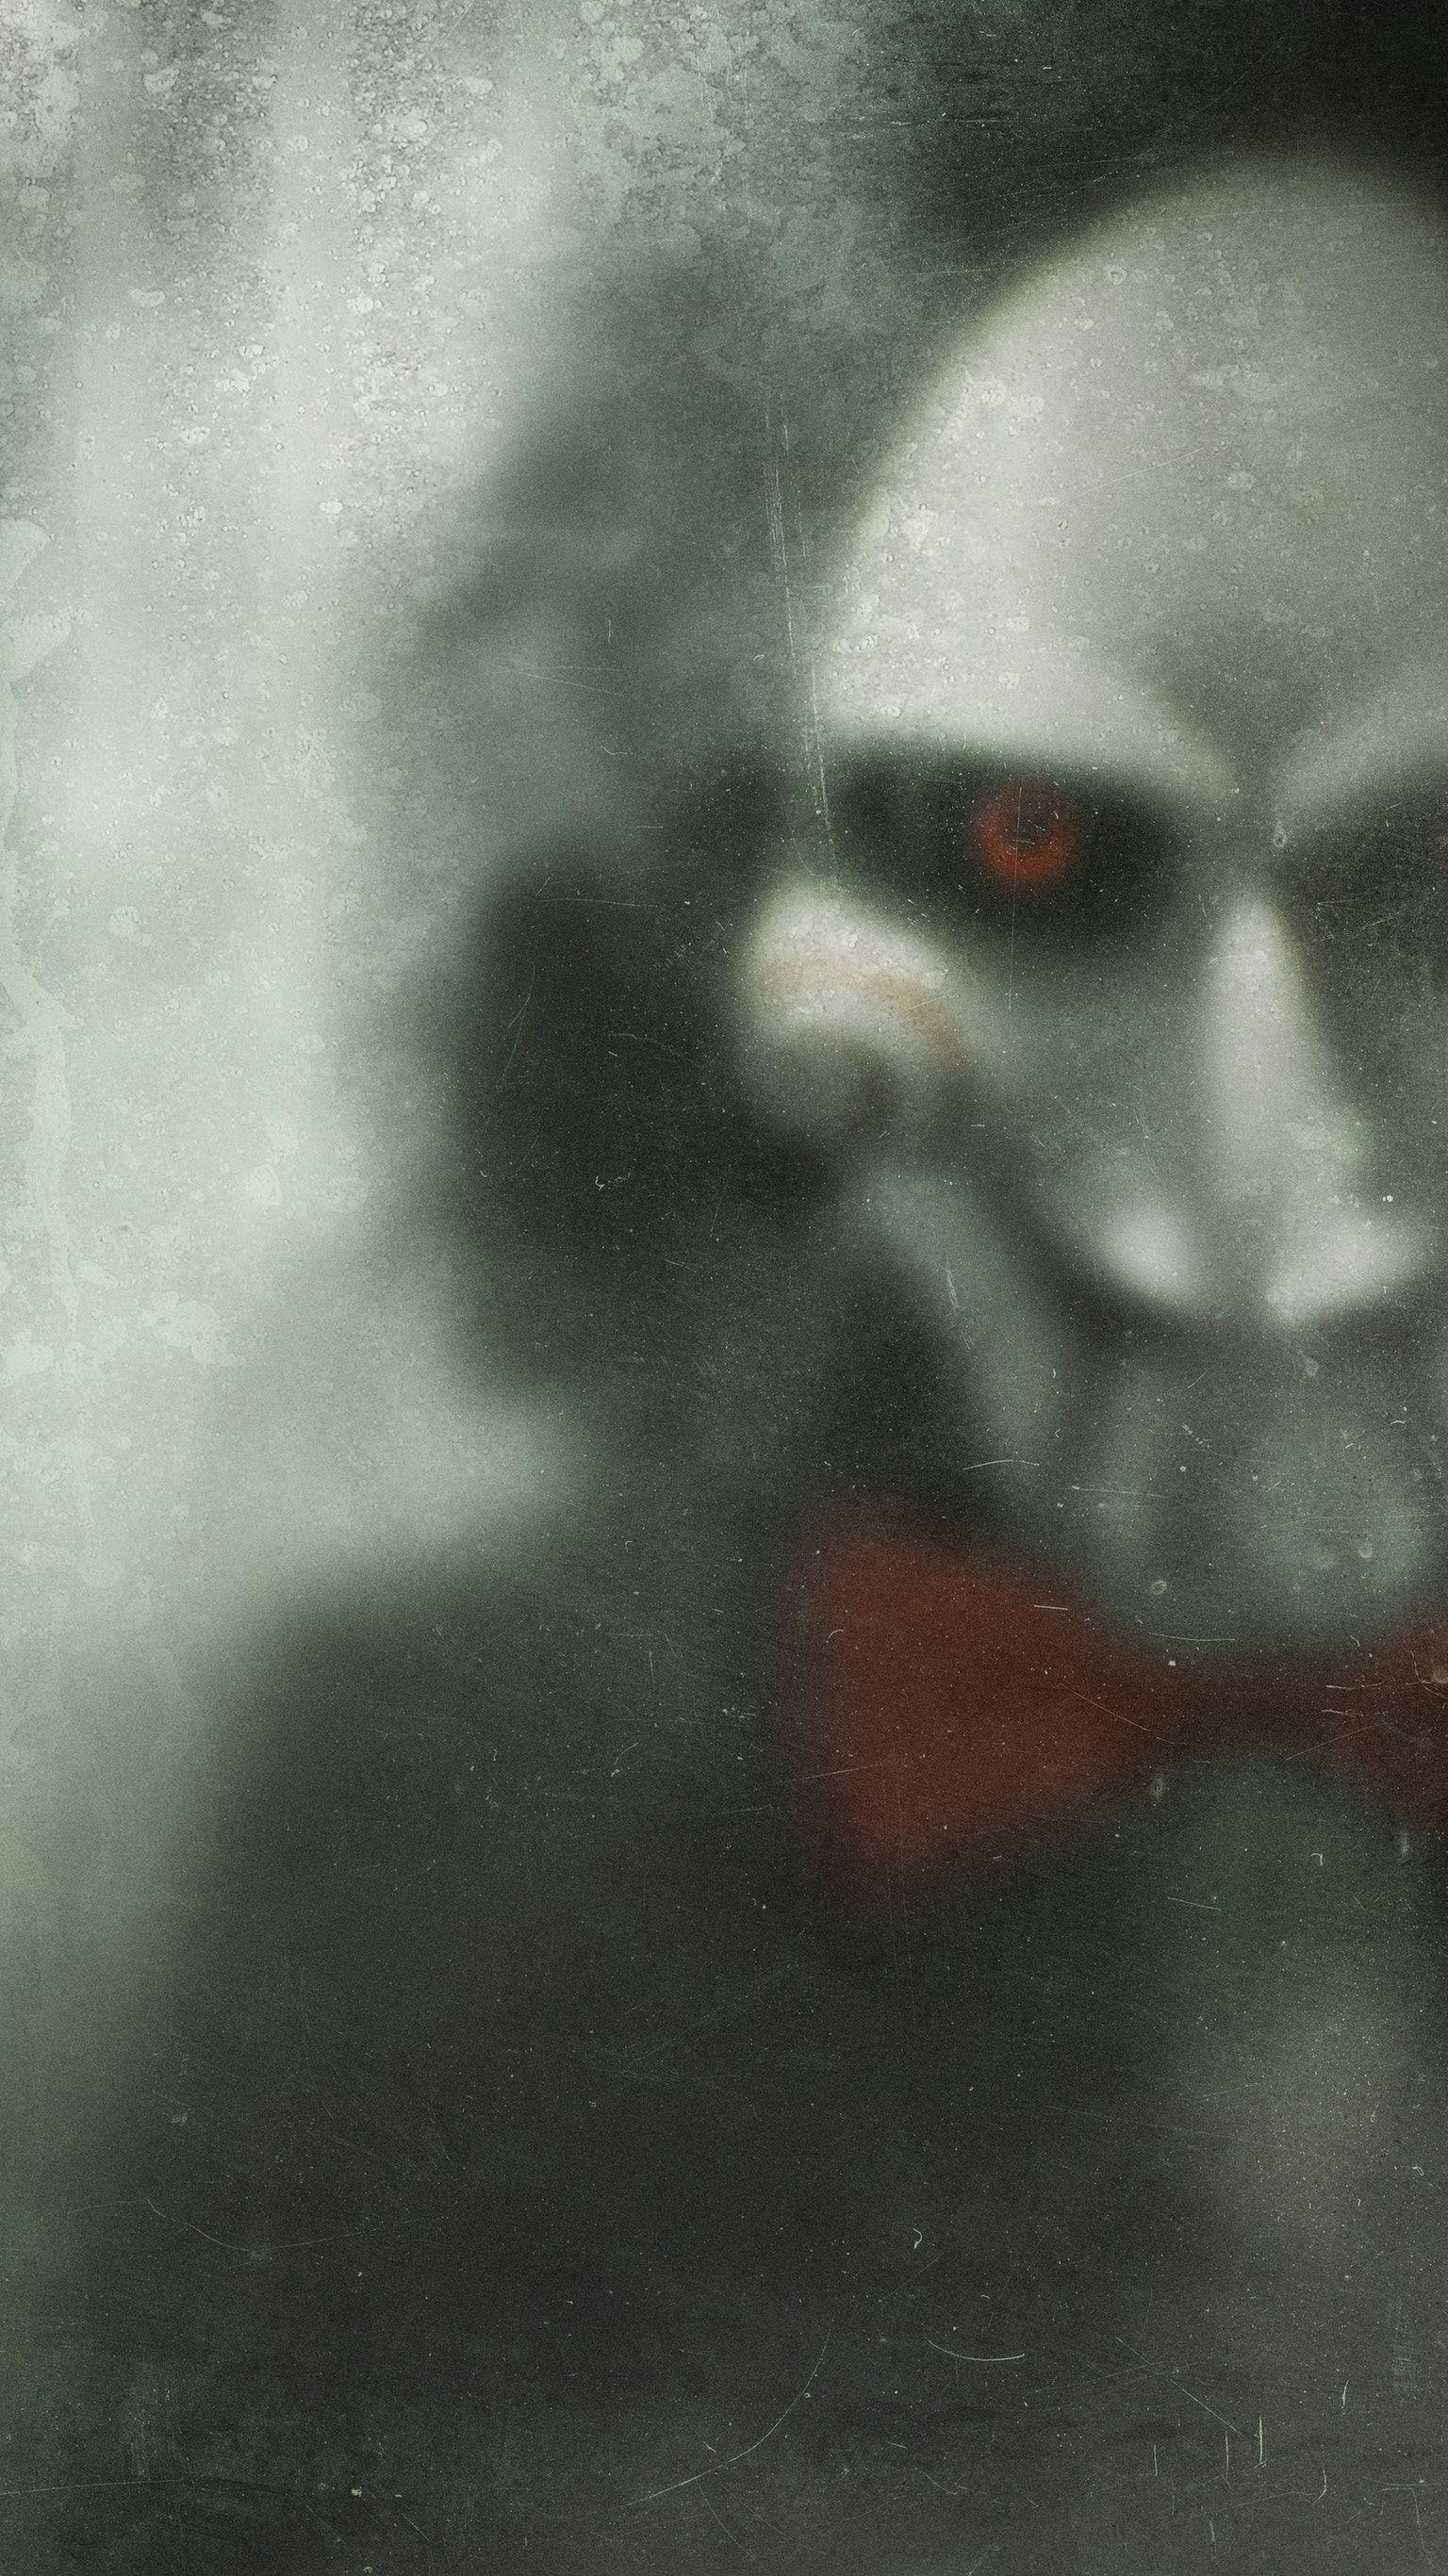 Jigsaw 2017 Phone Wallpaper Horror Horror Horror Films